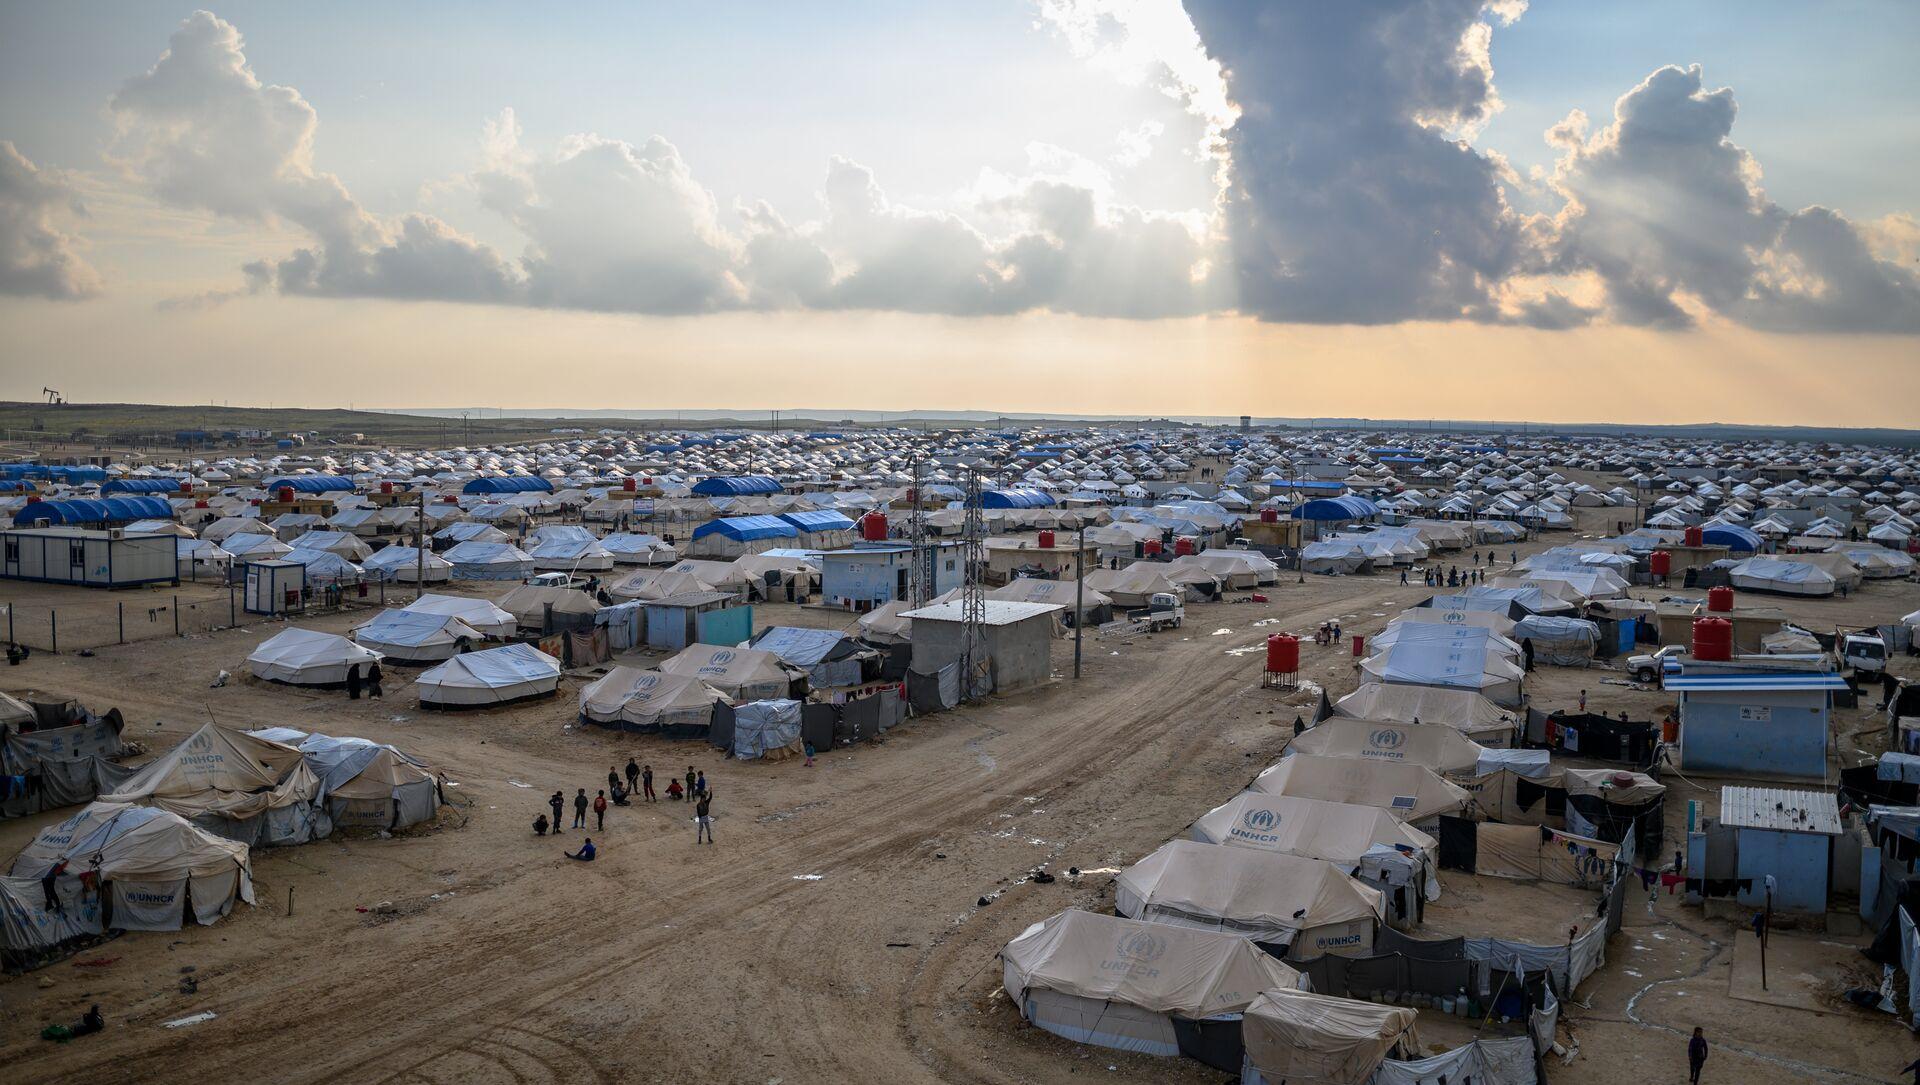 Suriye'nin kuzeyinde bulunan Al-Hol mülteci kampı - Sputnik Türkiye, 1920, 09.02.2021